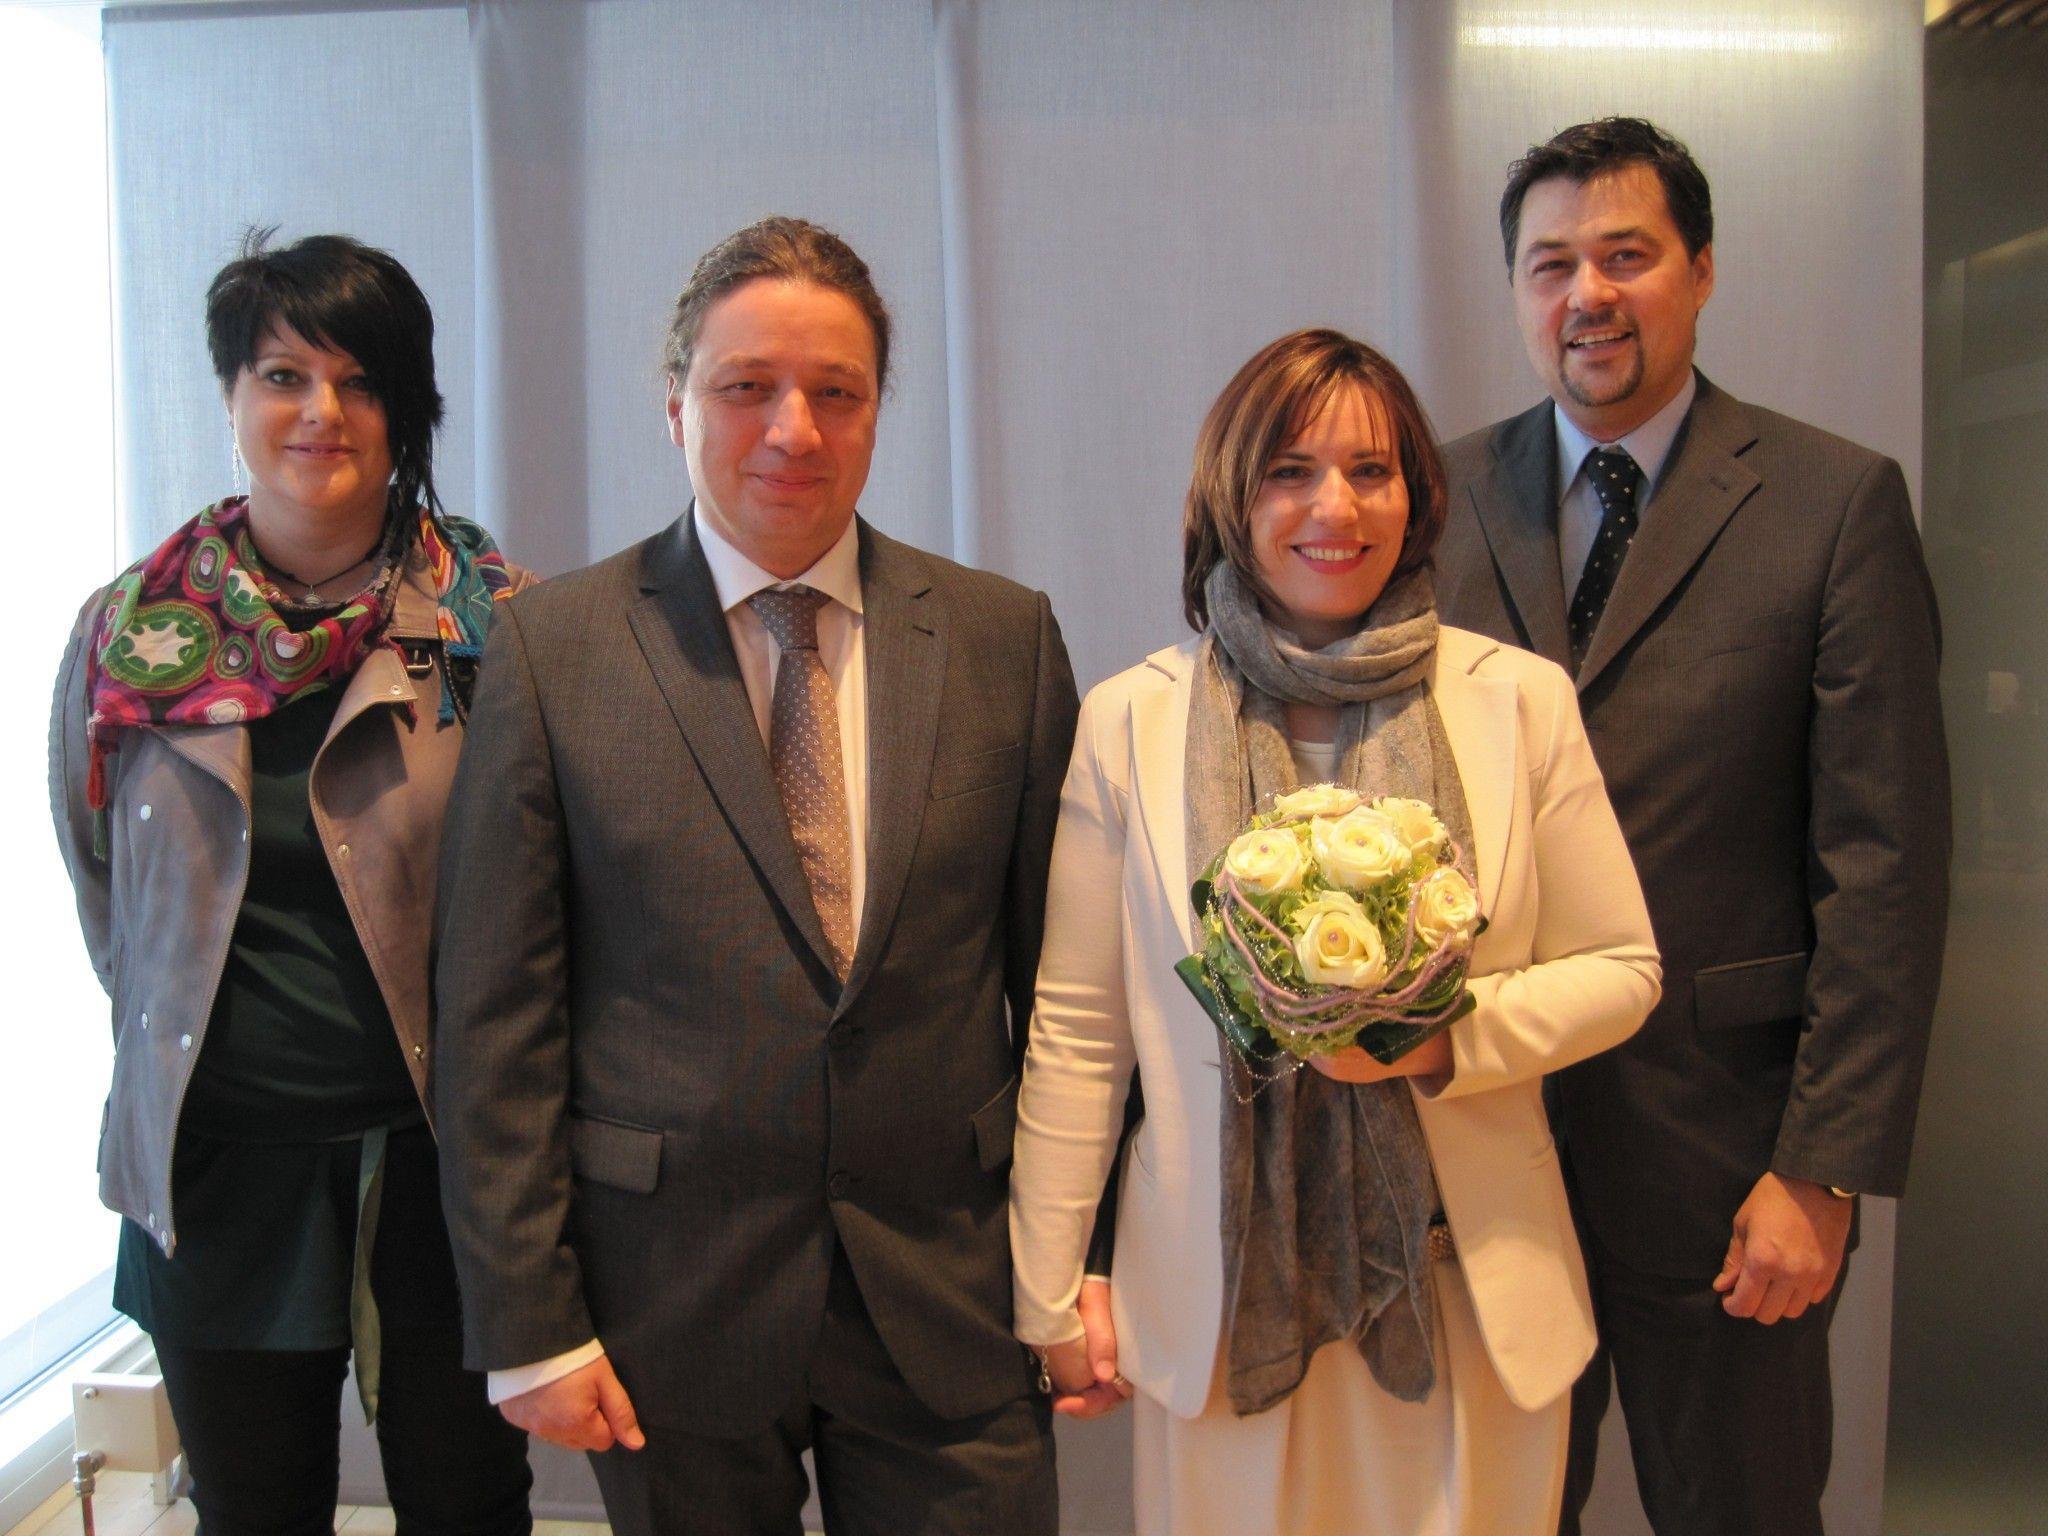 Angelika Feistenauer und Michael Matheisl haben geheiratet